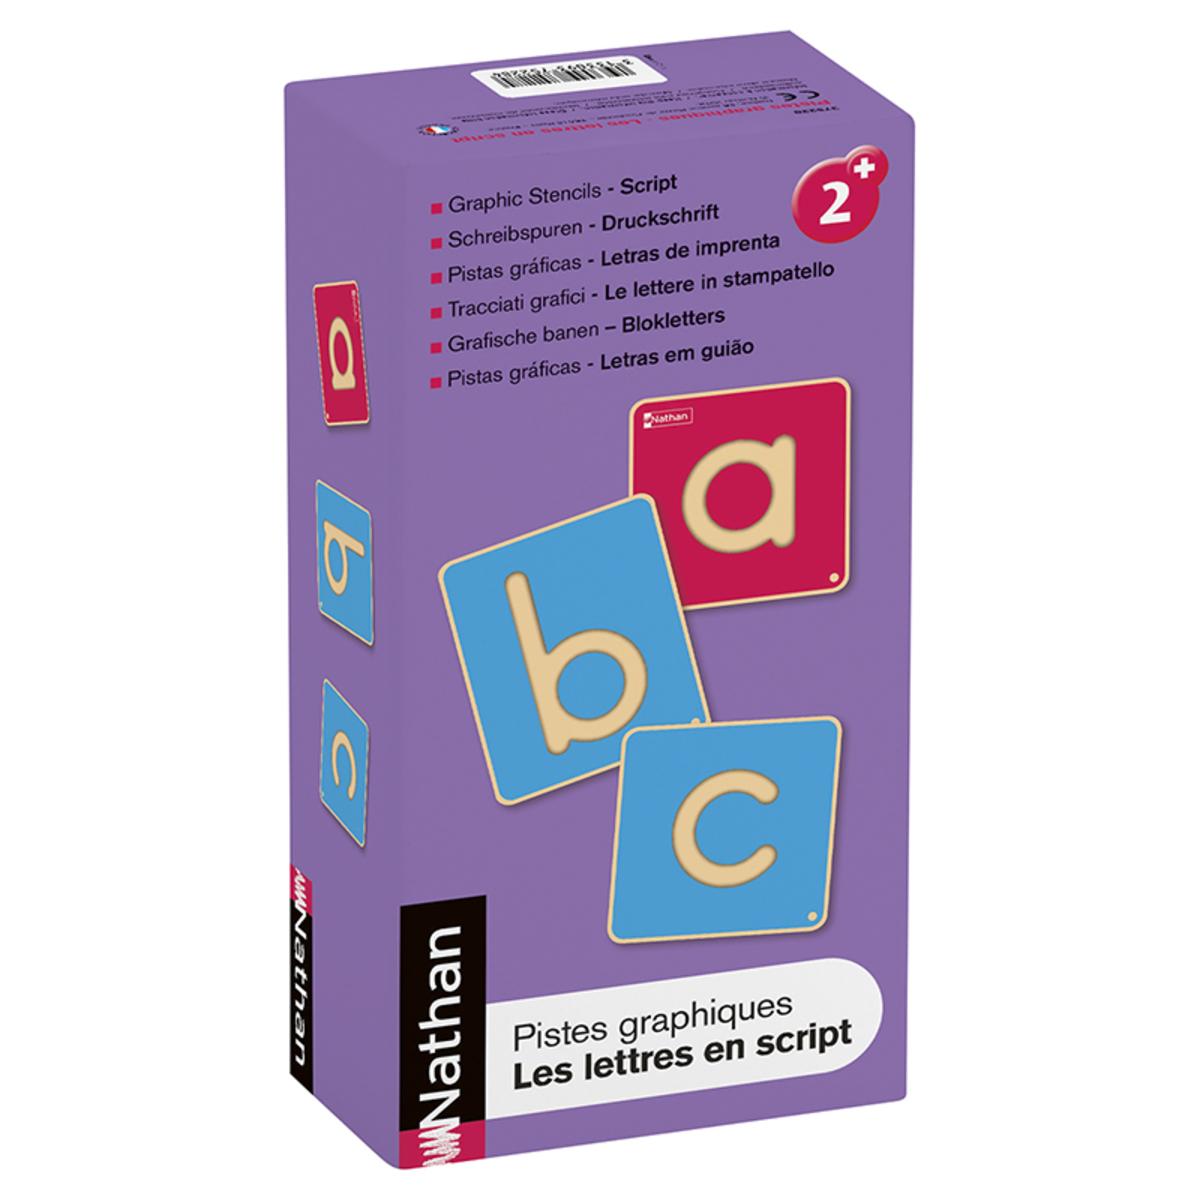 法國幼教品牌 - 木製運筆練習 - 英文字母 (小階版)